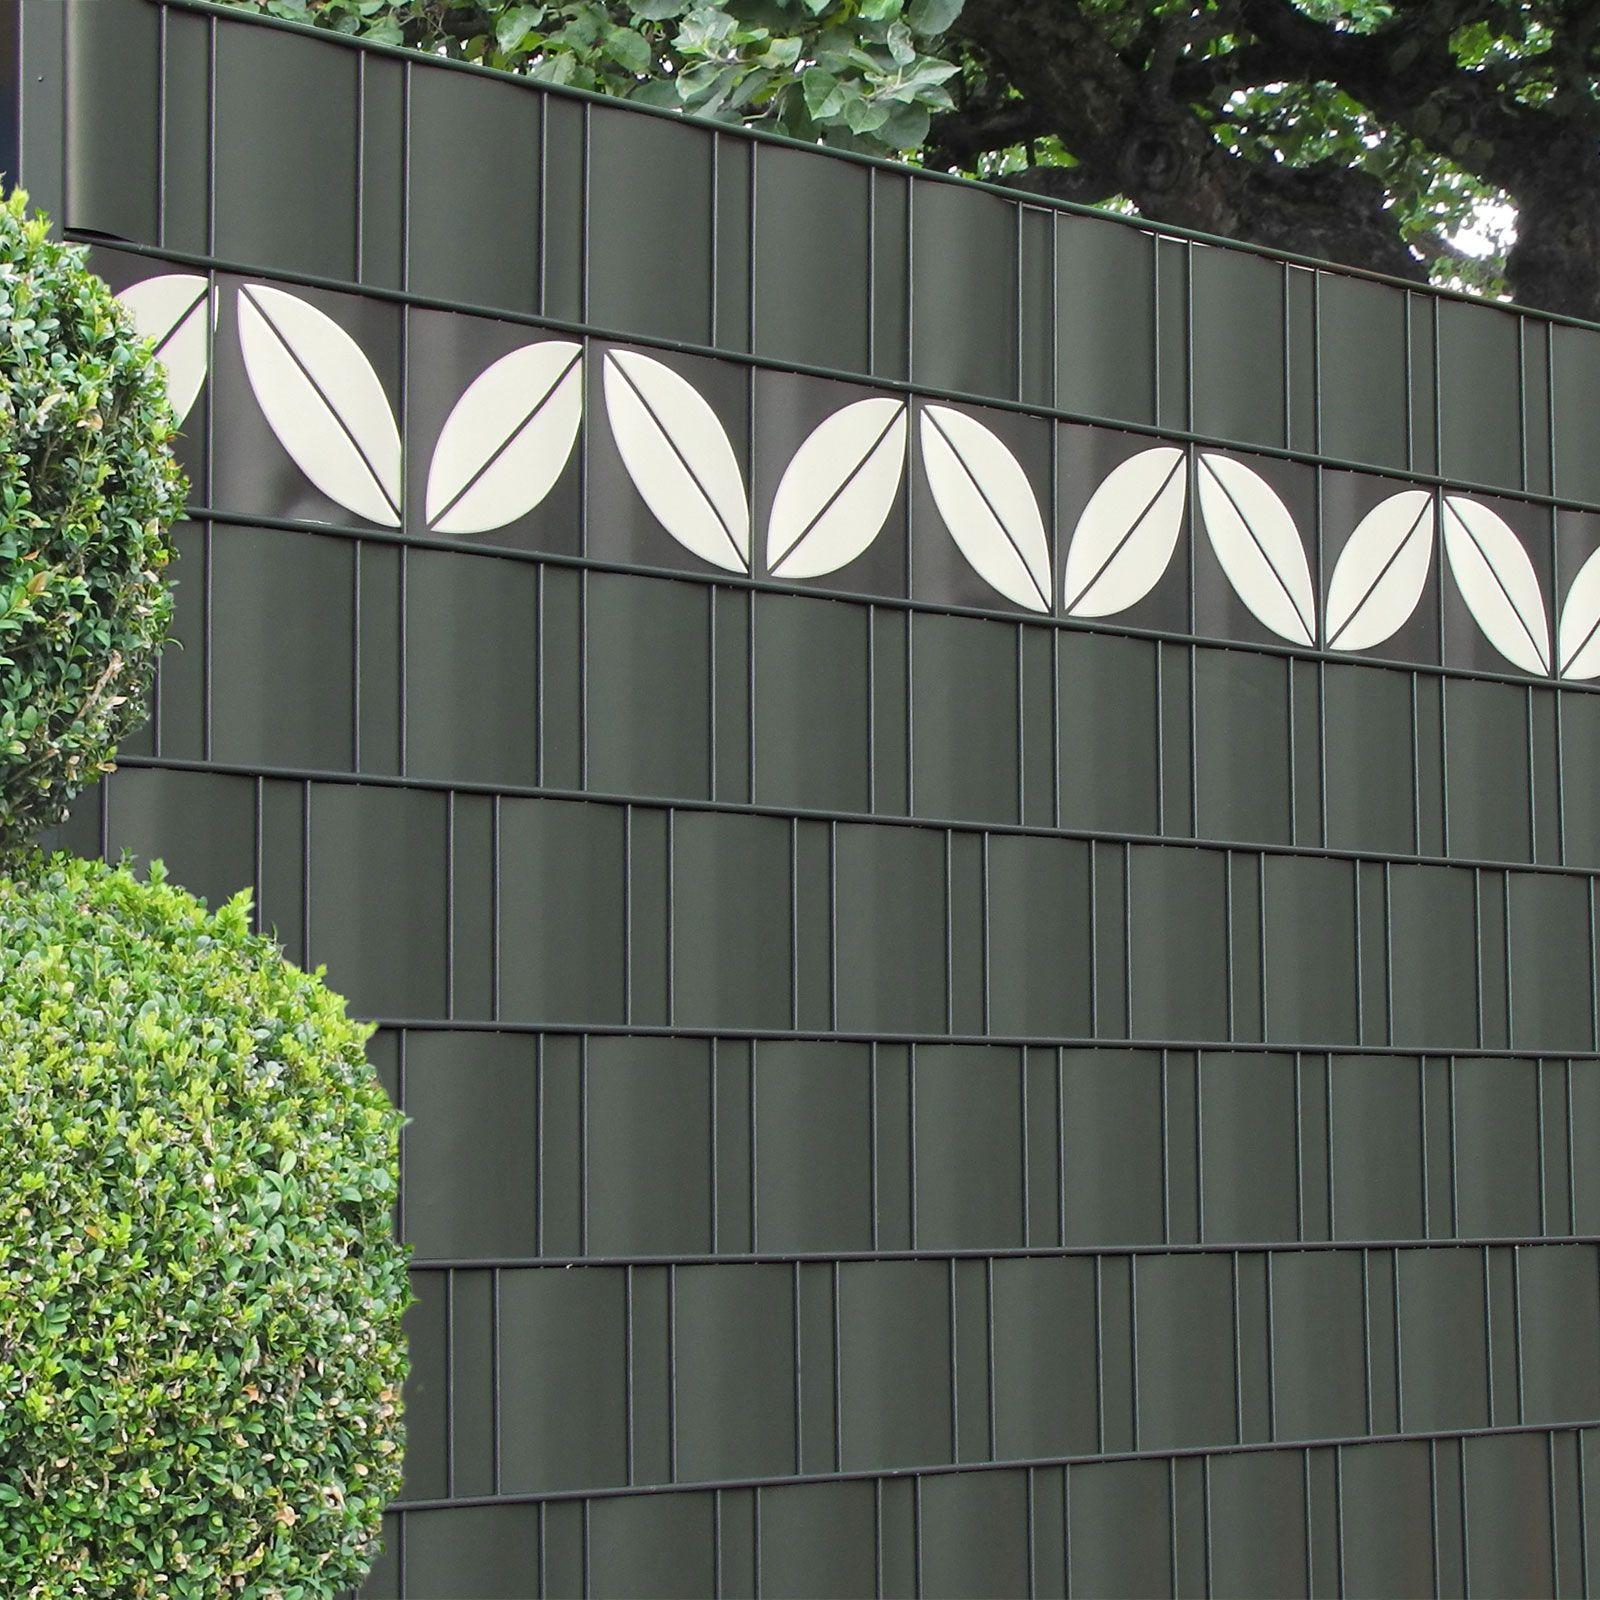 Sichtschutzzäune bekommen eine ganz neue Gestaltung mit Design